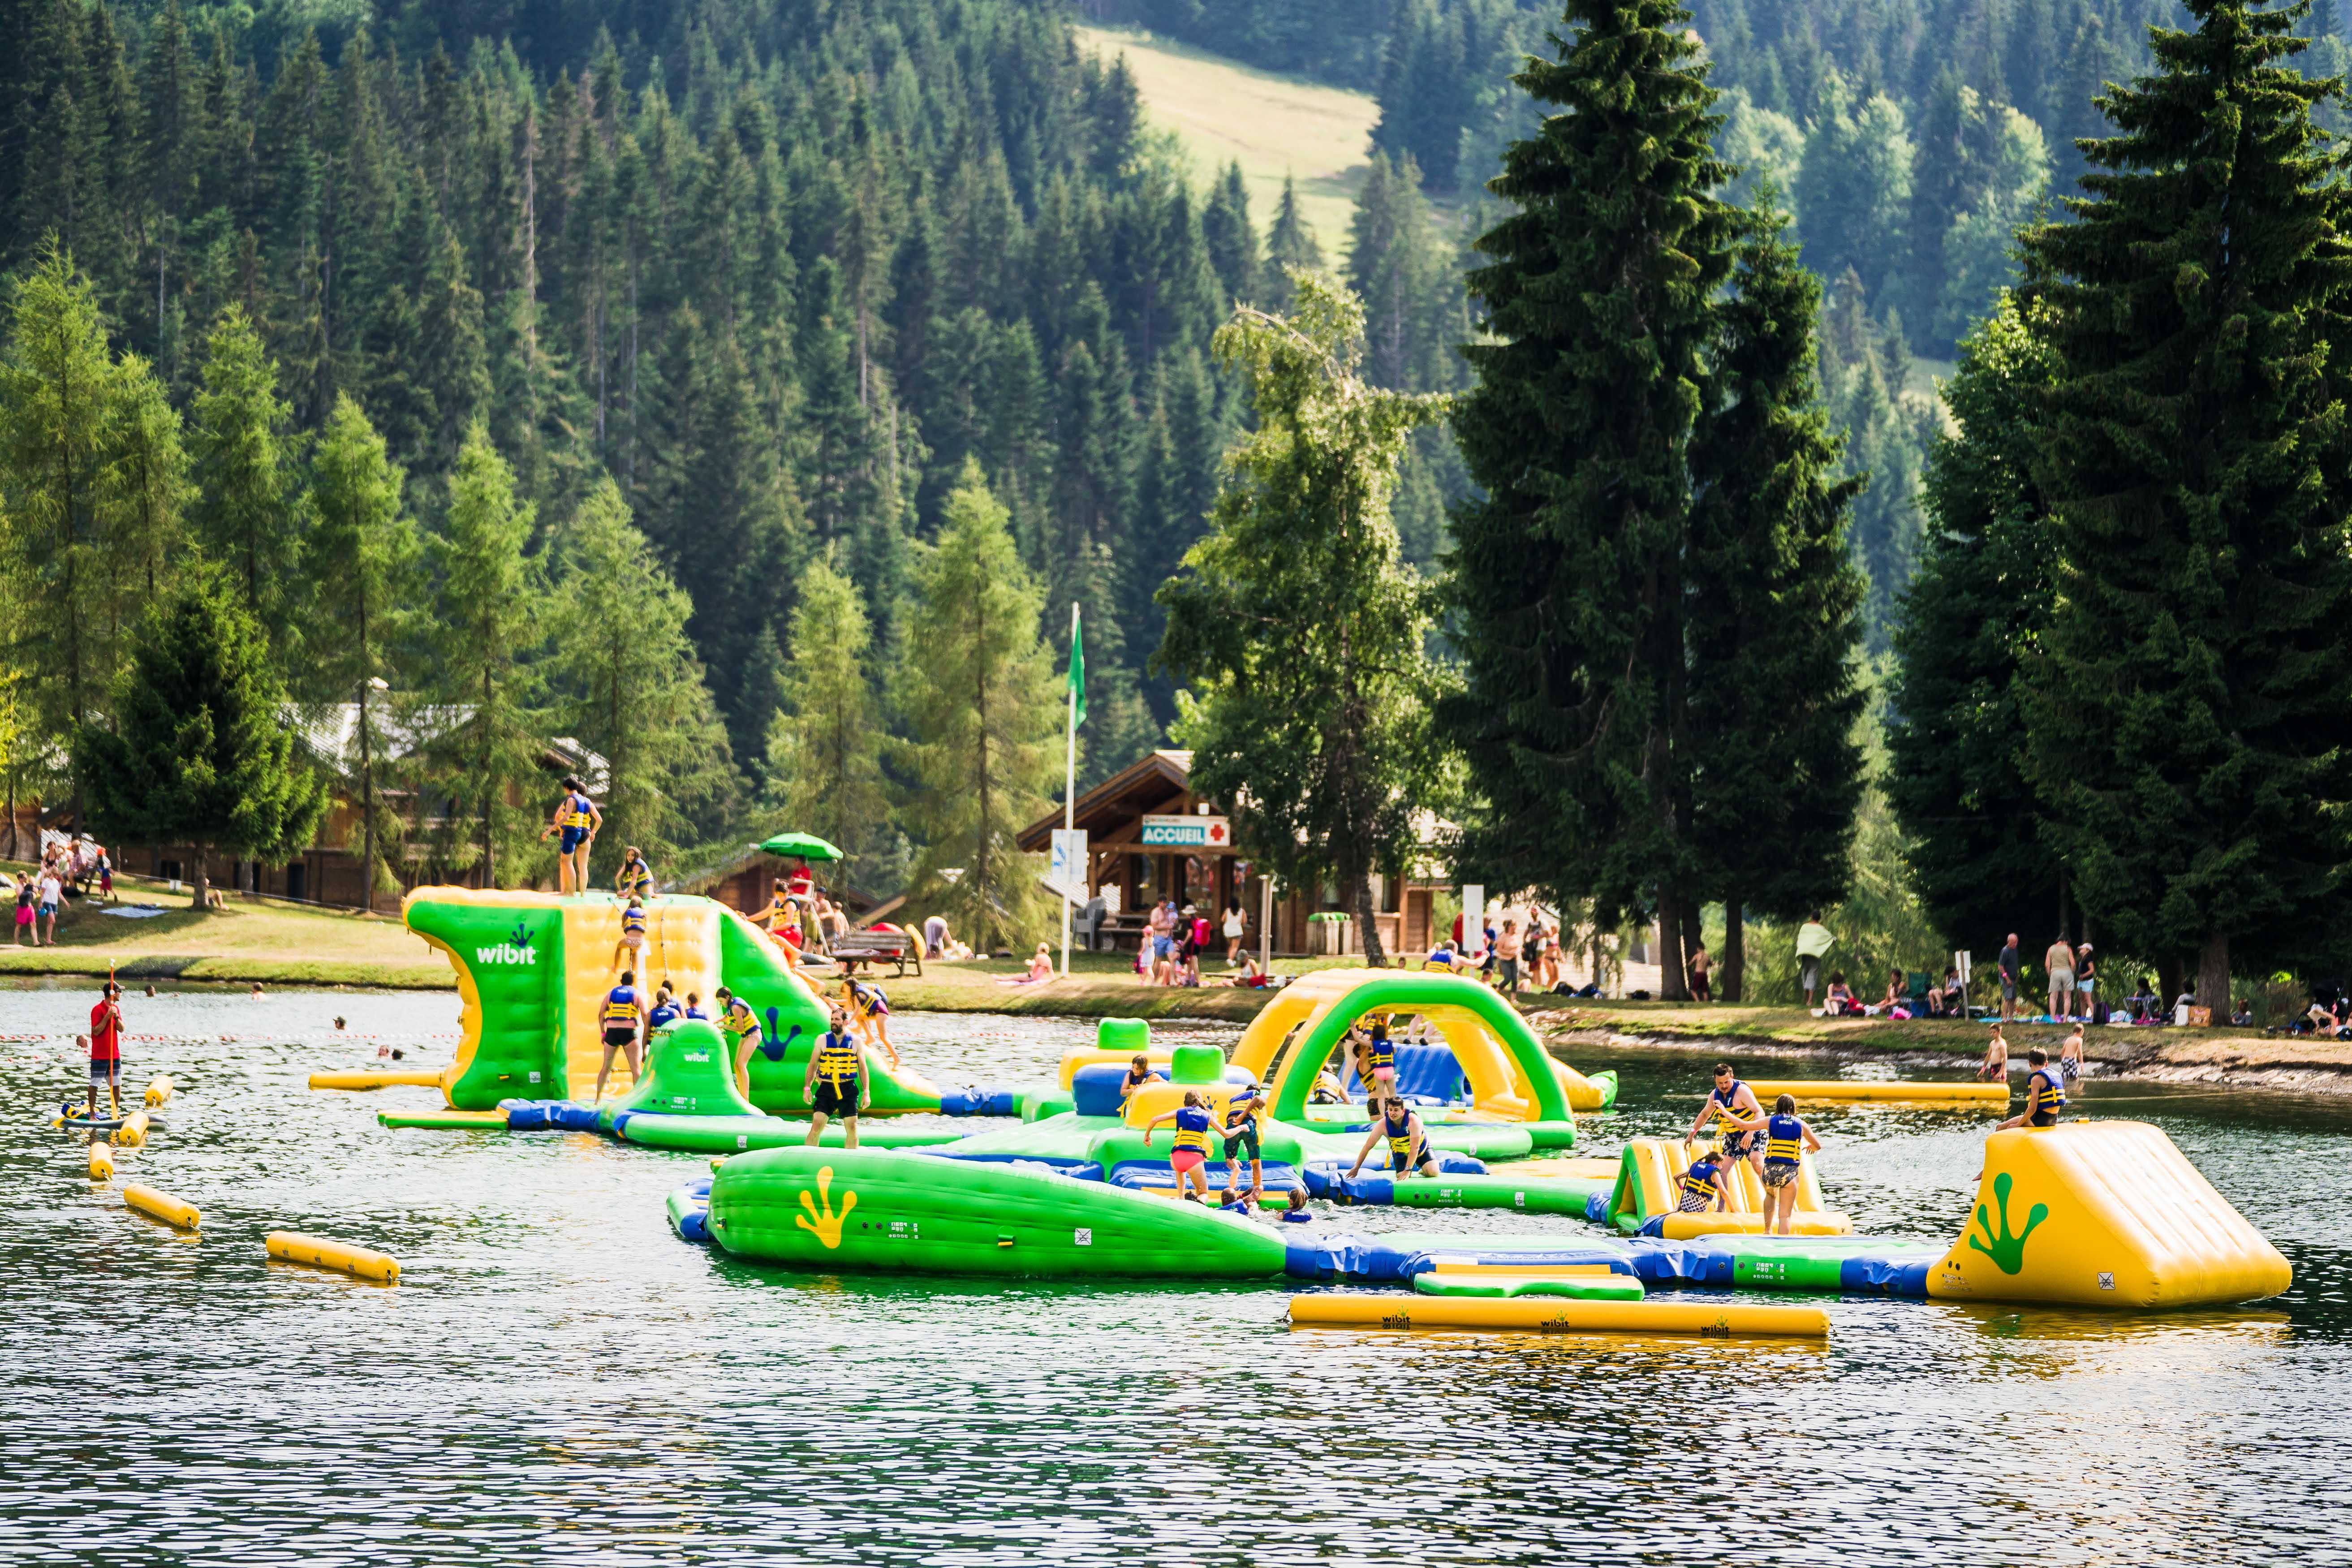 lac-des-ecoles-wibit-9089-keno-photographie-ot-les-gets-3043271